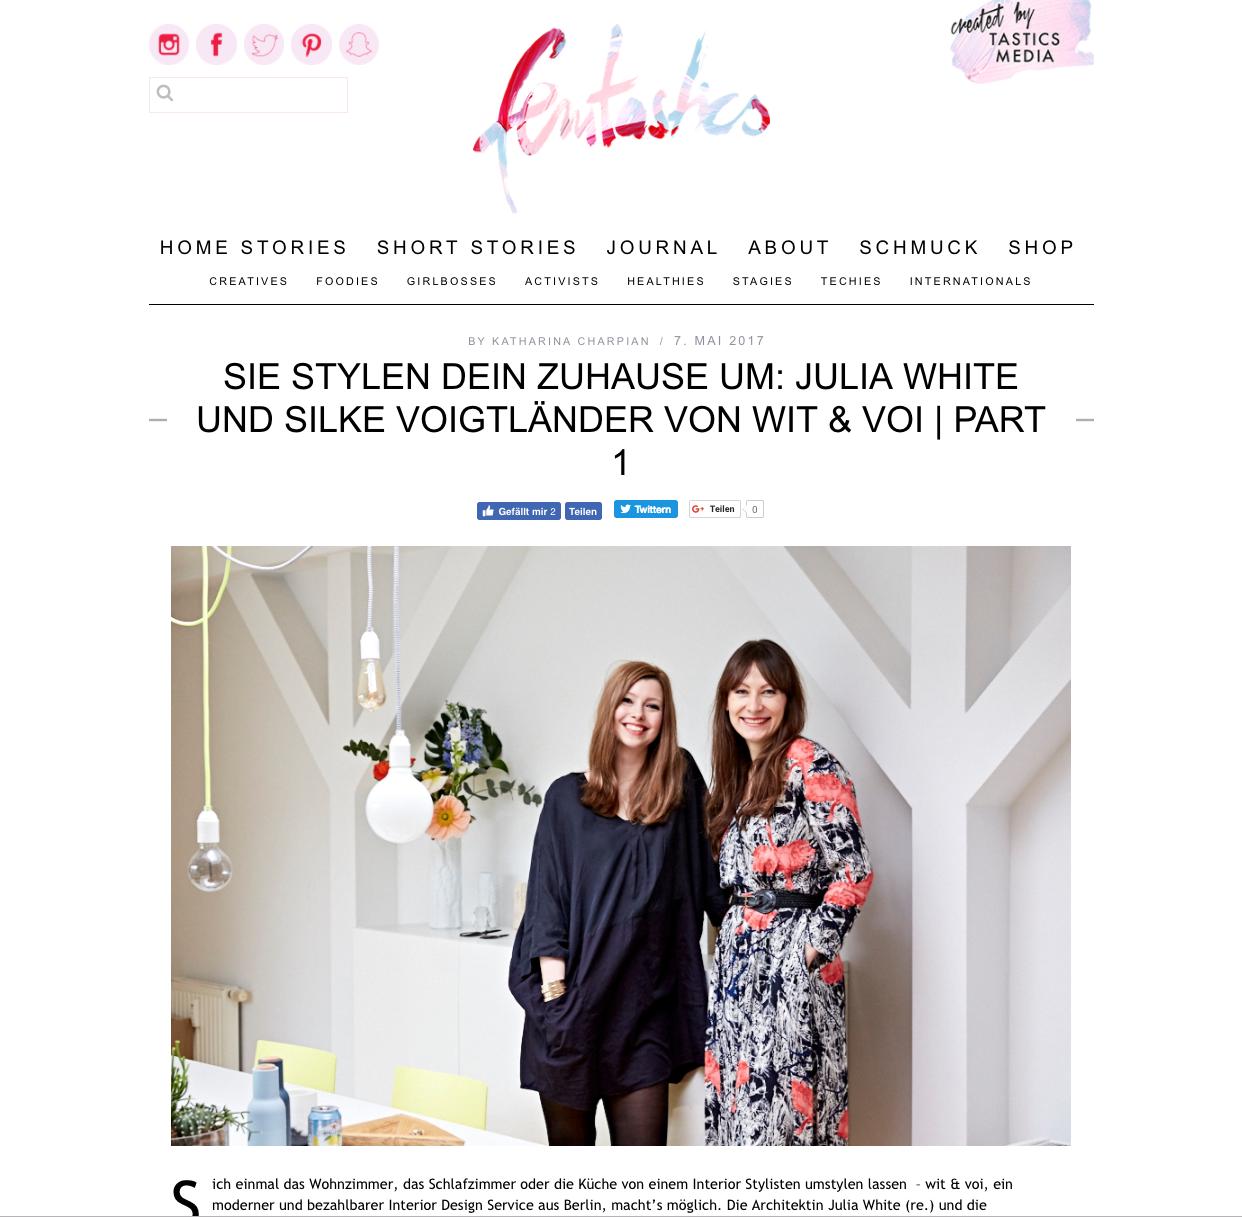 Femtastics - Sie stylen dein Zuhause um: Julia White & Silke Voigtländer von wit & voi  | PART 1